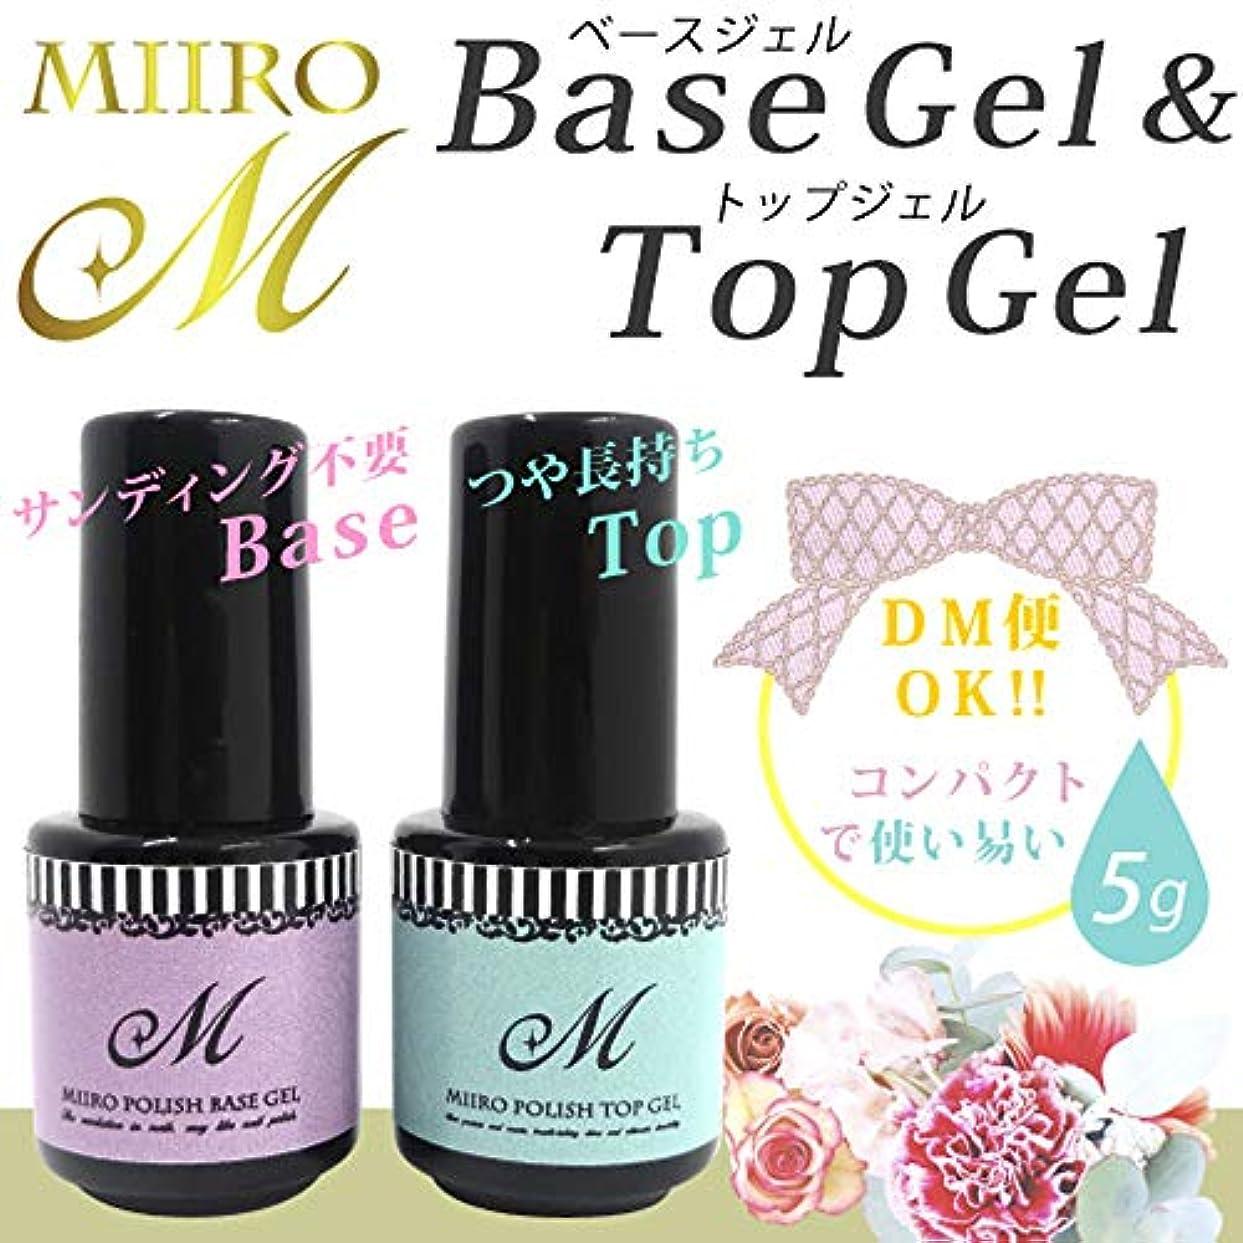 ビザ眉するトップ&ベースジェル 美色 Miiro 各5g (ベースジェル)